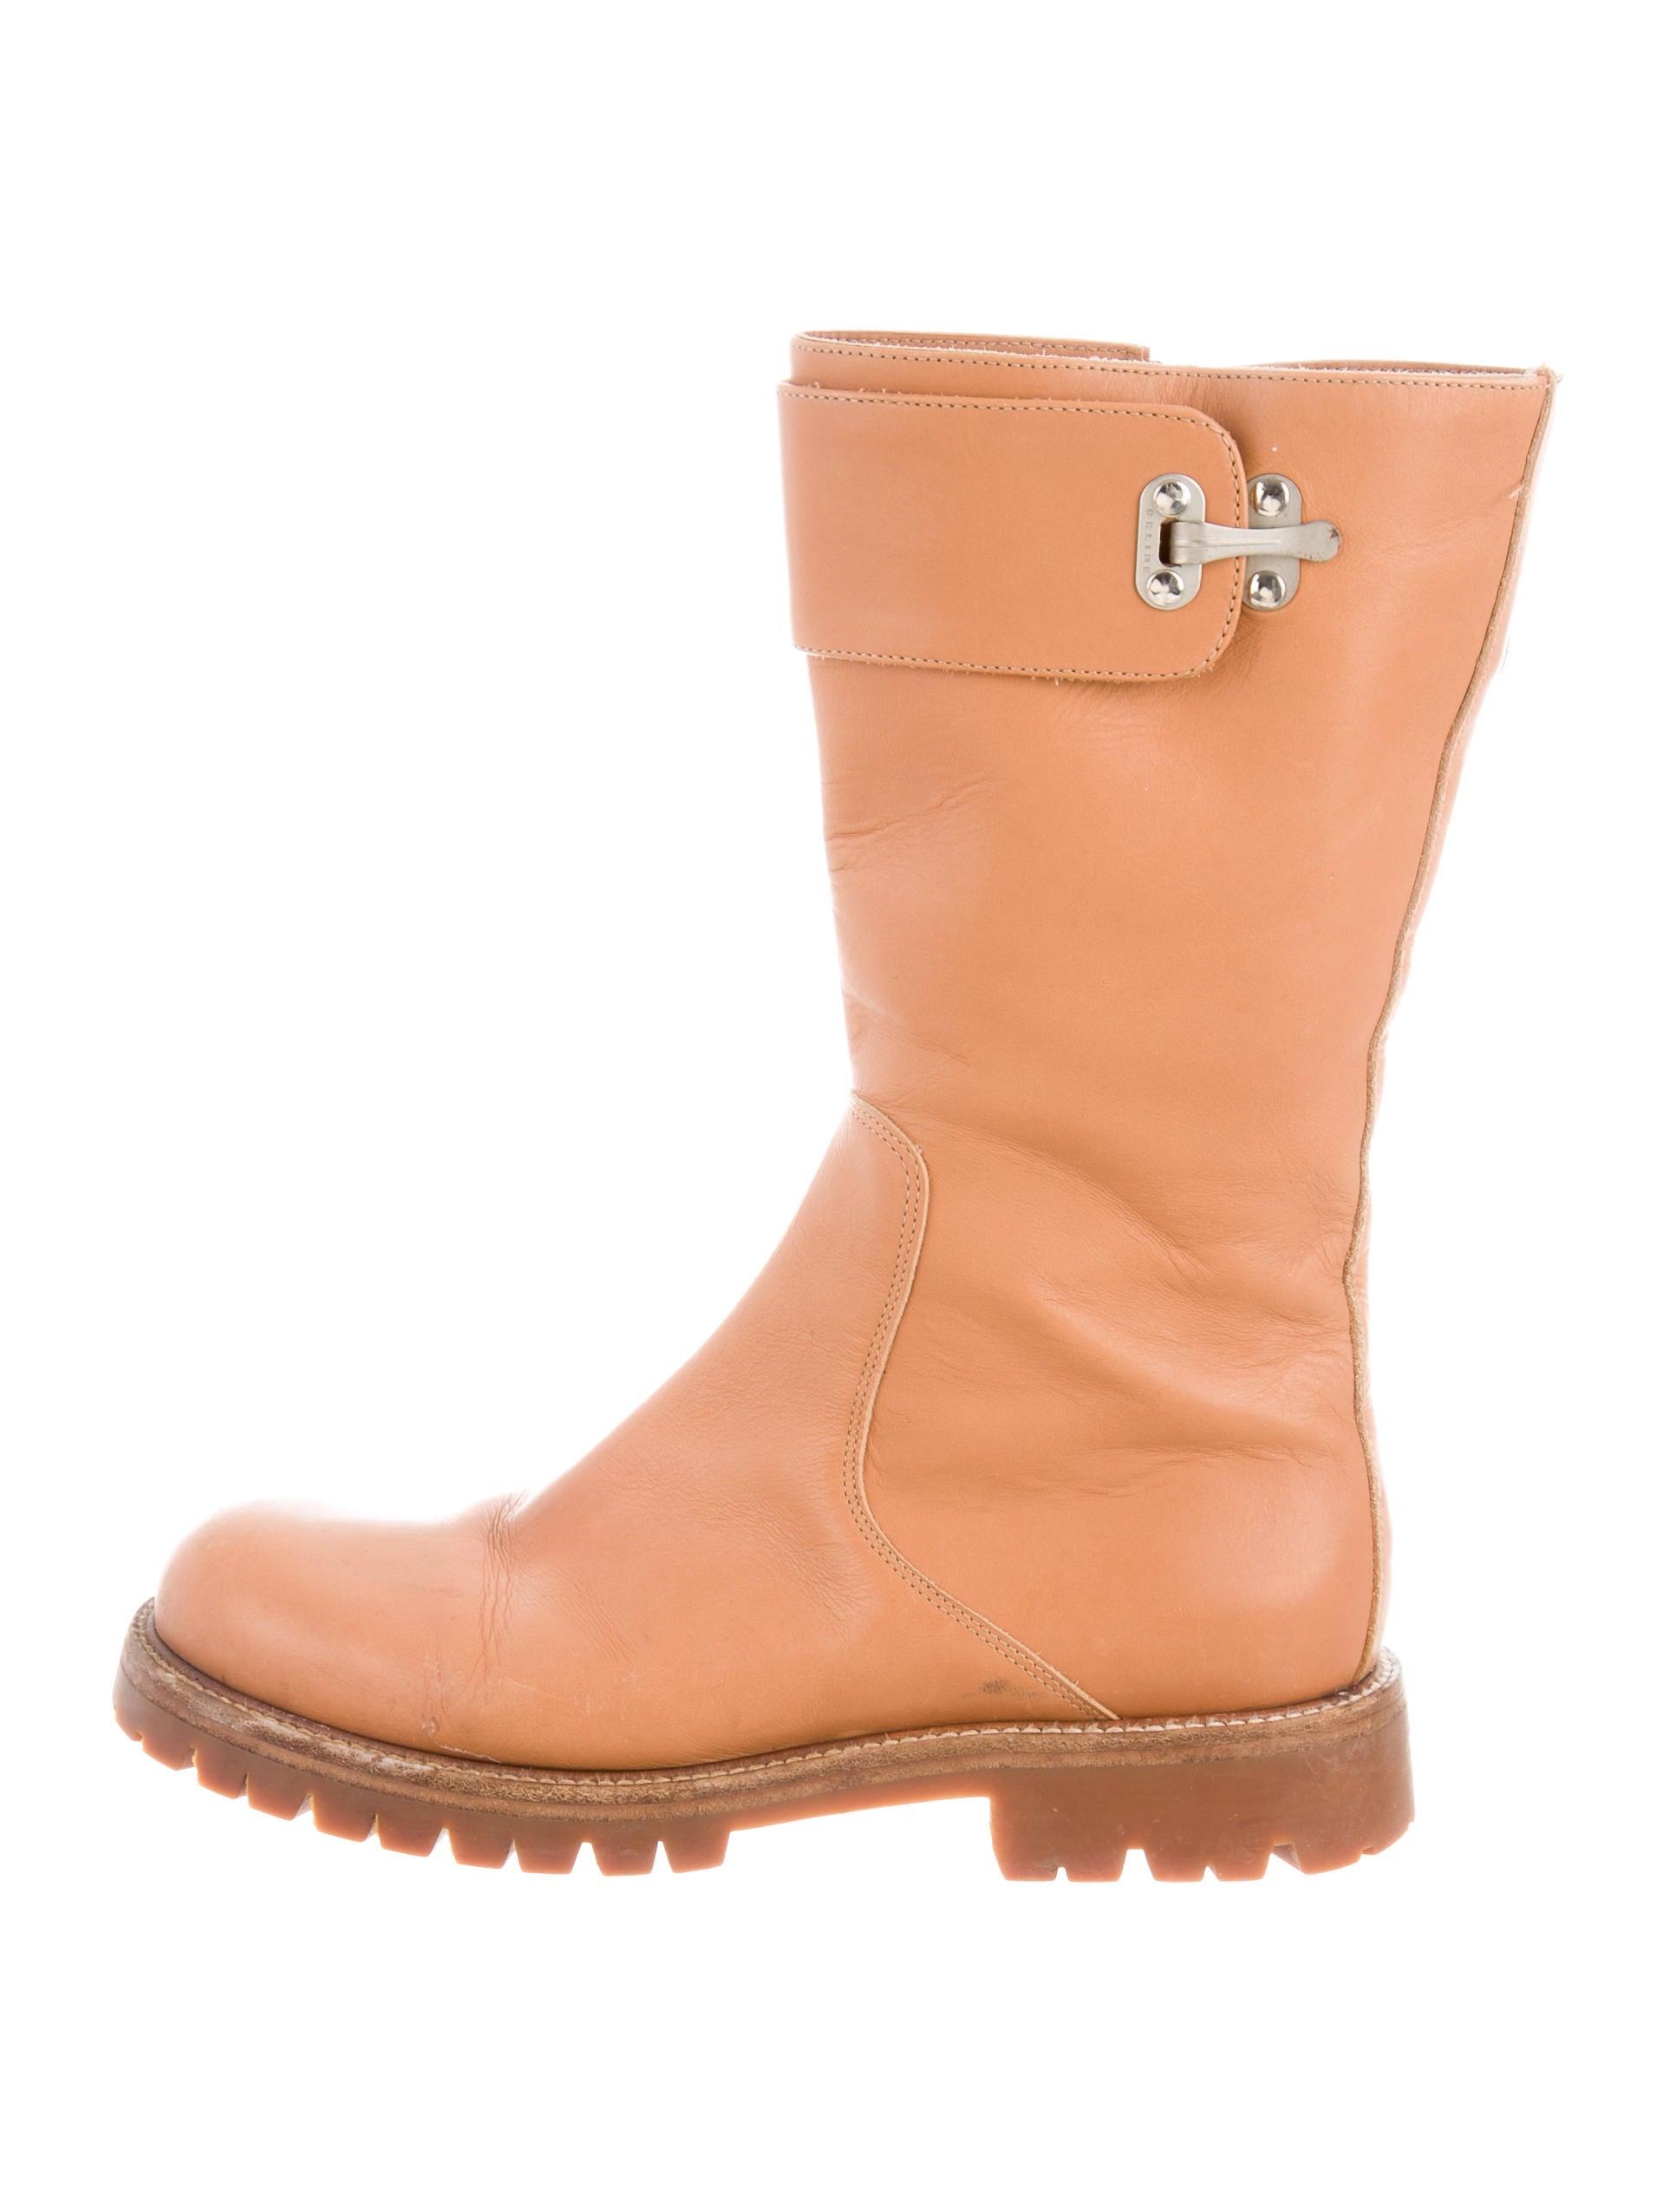 Céline Leather Mid-Cal Boots sast sale online clearance visa payment buy cheap best wholesale Q4tePd